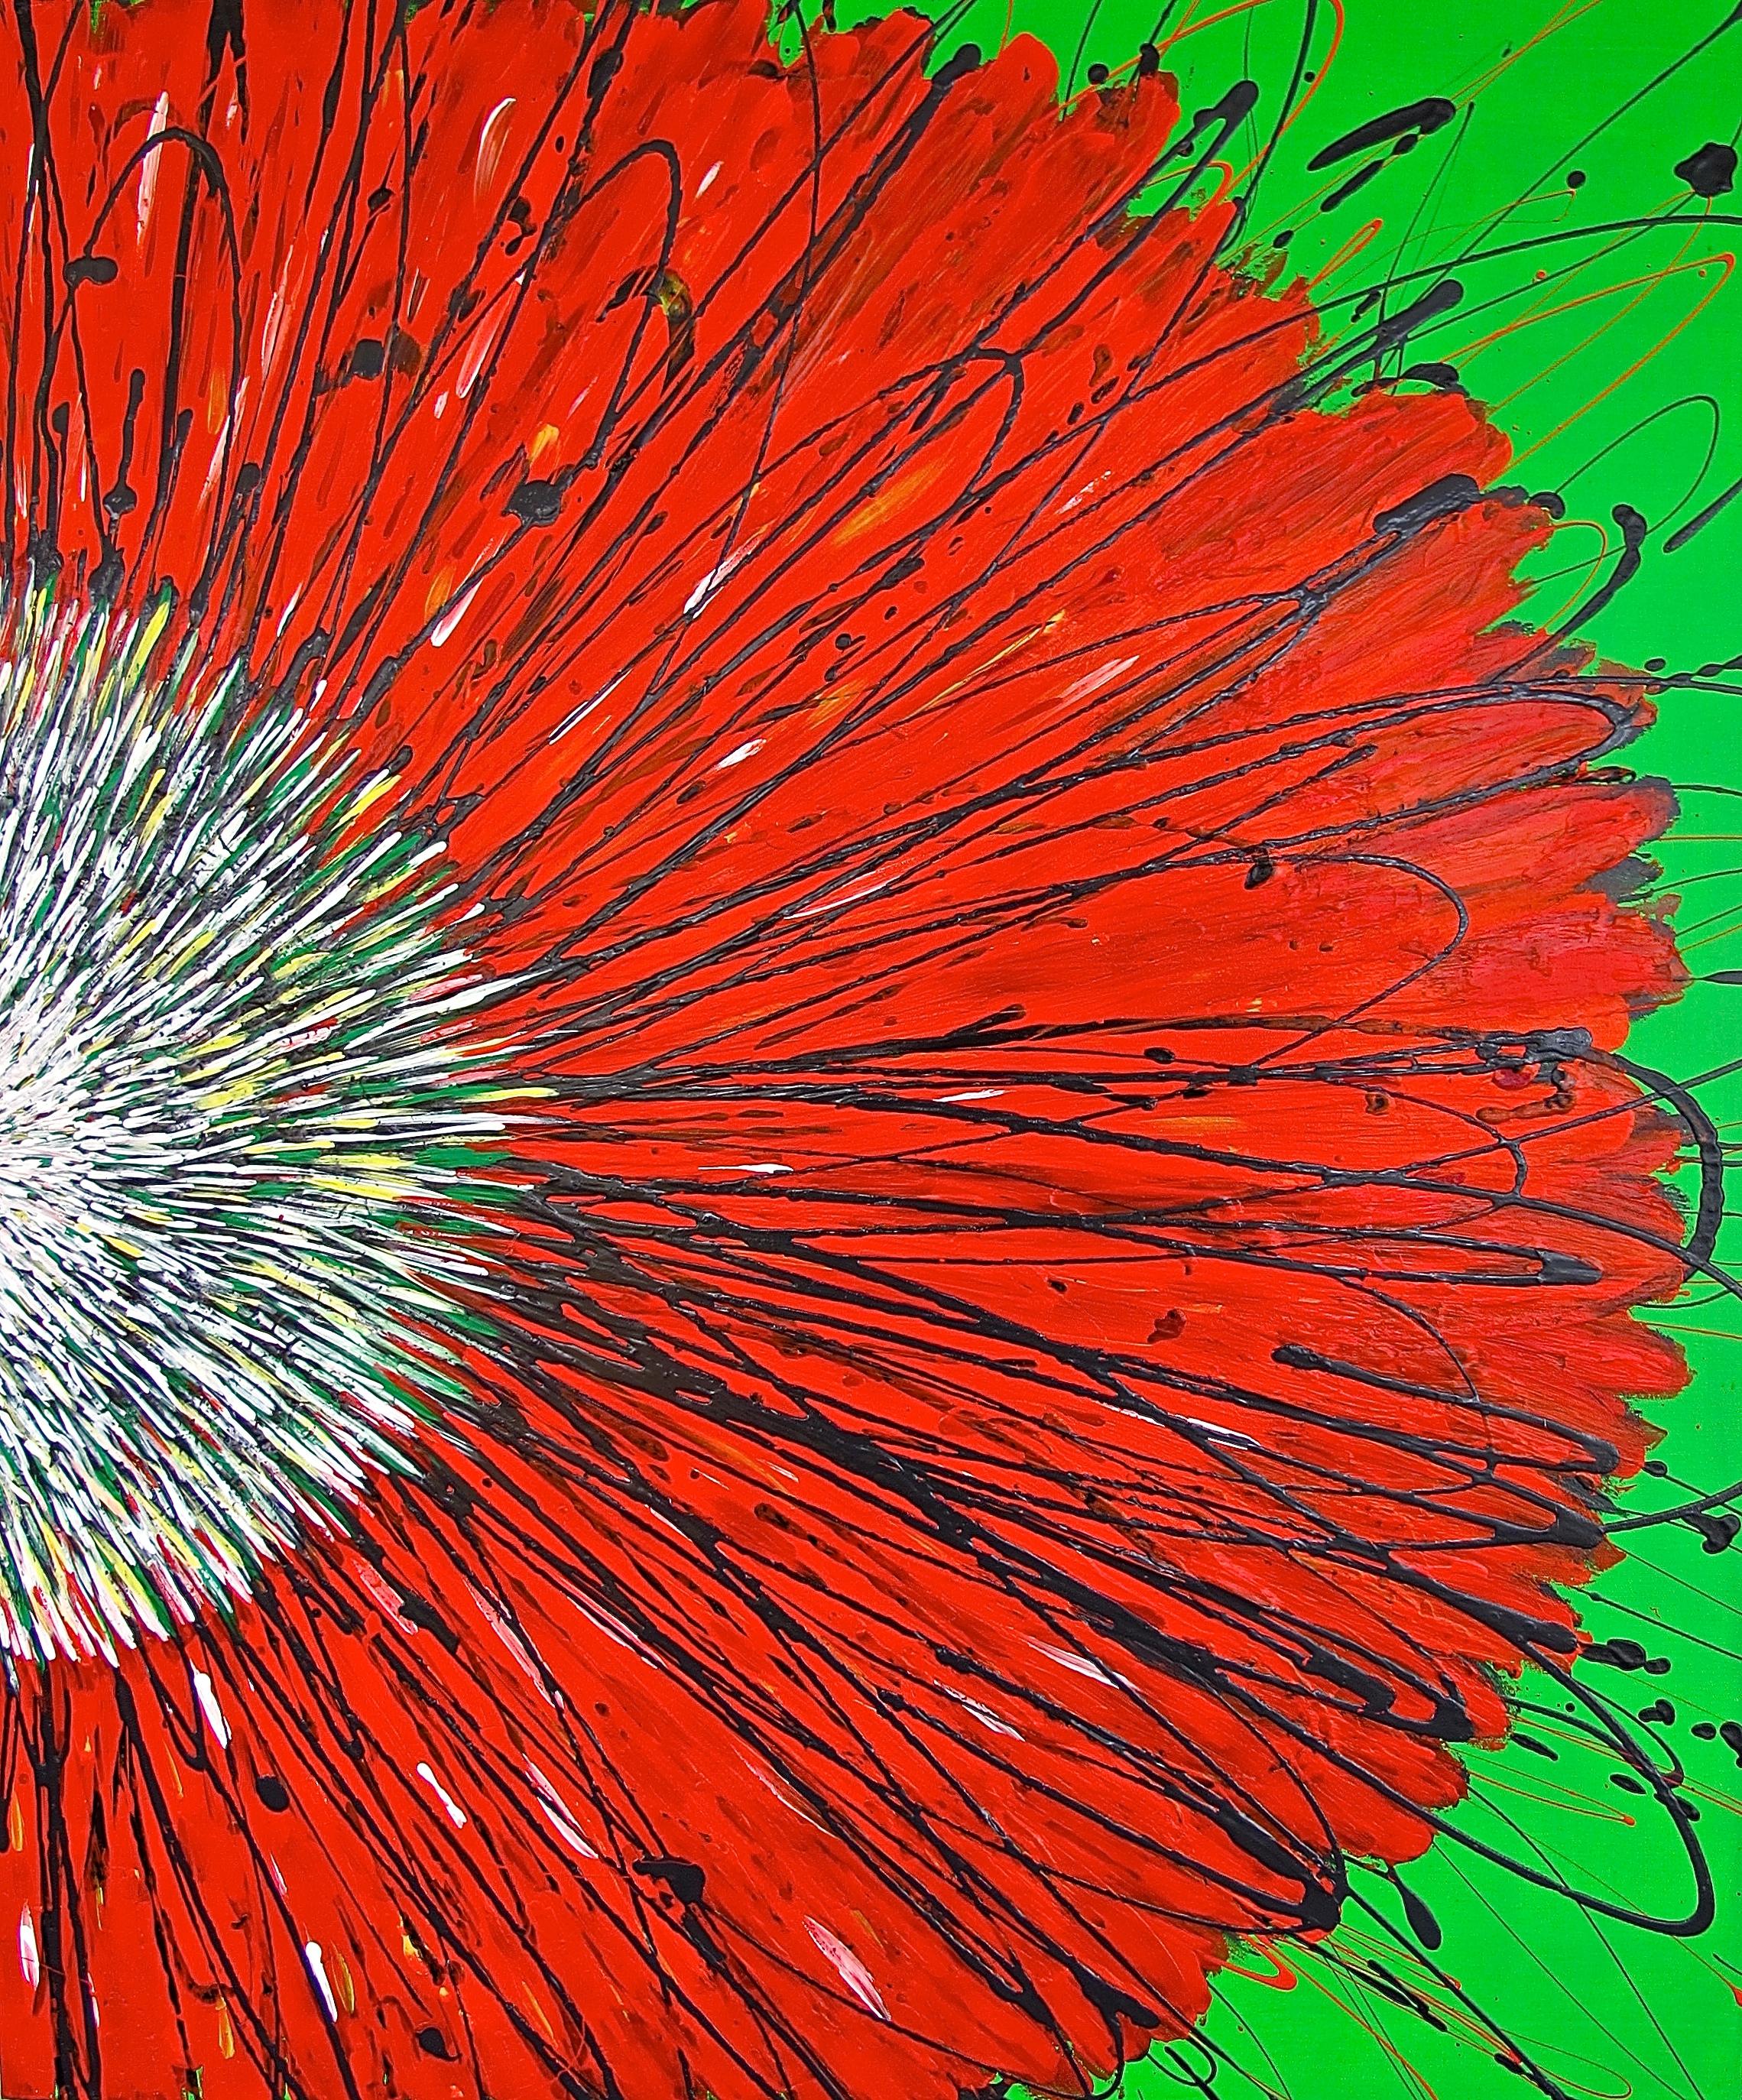 RED POPPY   36 x 30